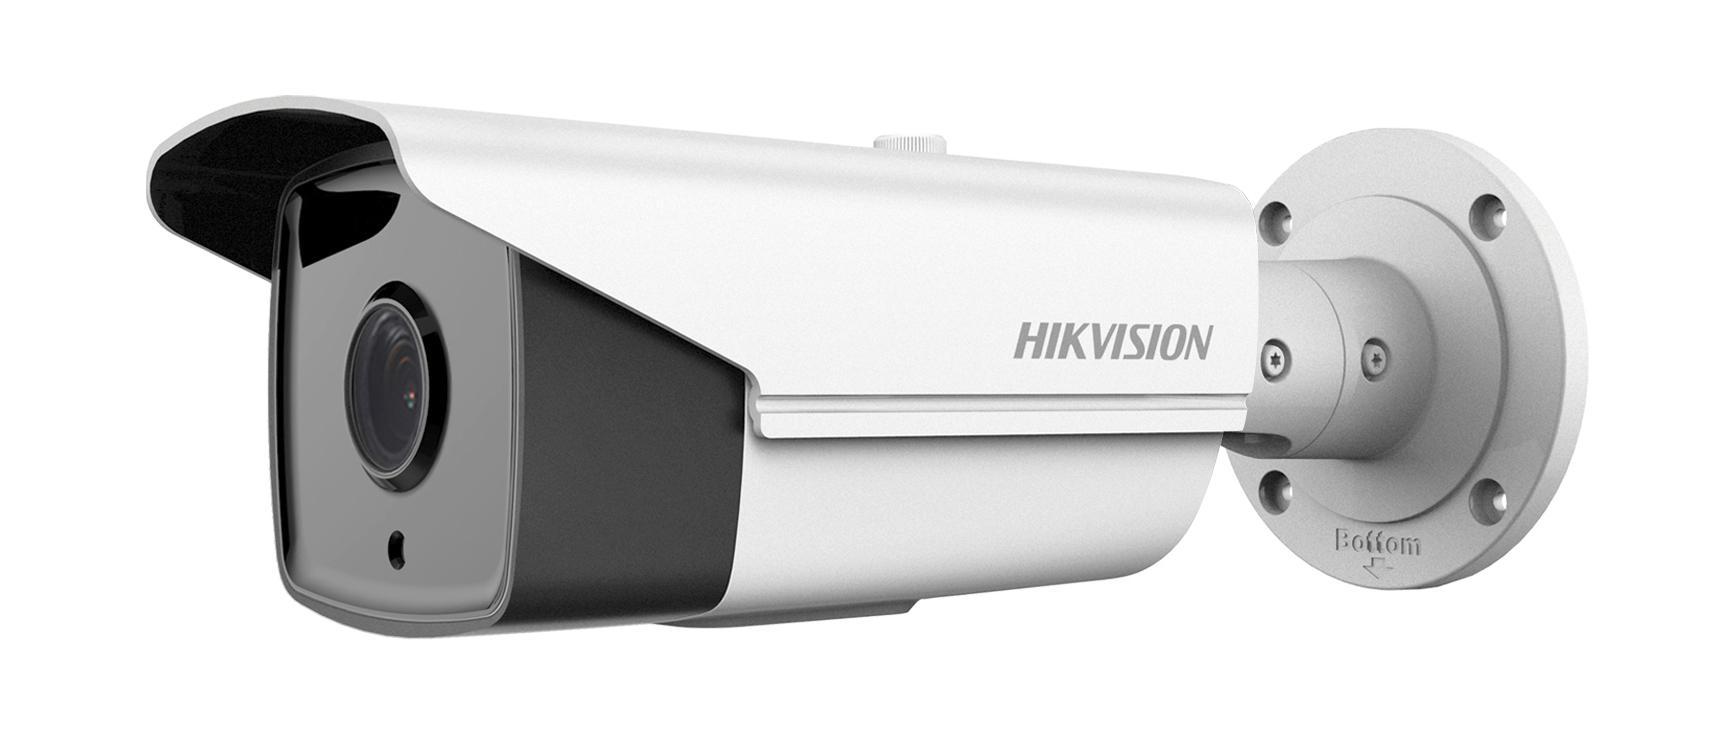 Hikvision DS-2CD2T42WD-I3/I5/I8 4 MP EXIR Bullet Network Camera Image